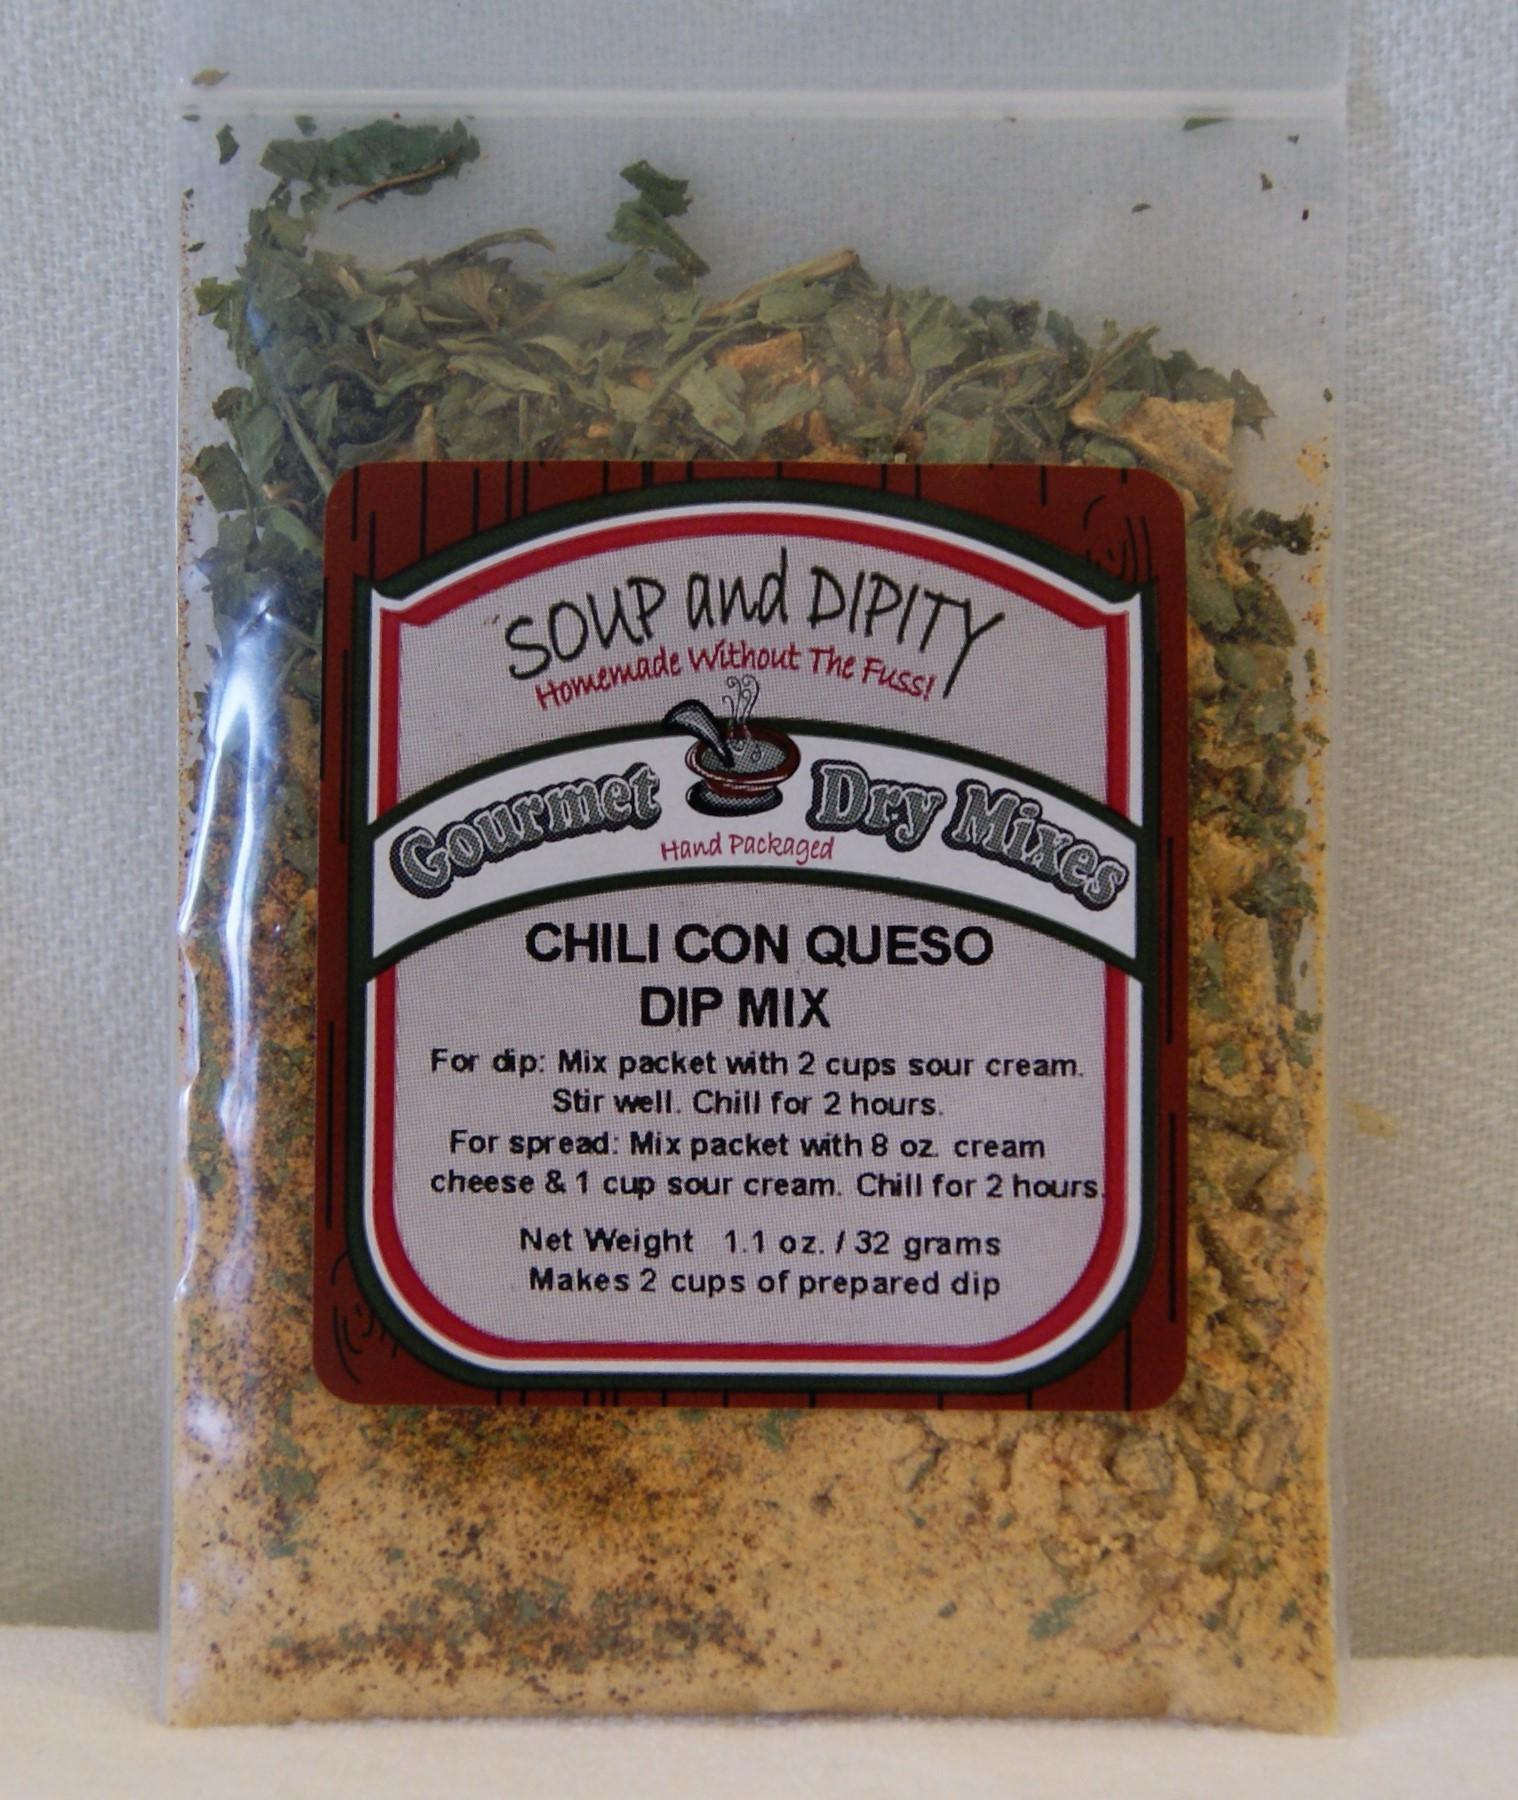 Chili con Queso Dip Mix